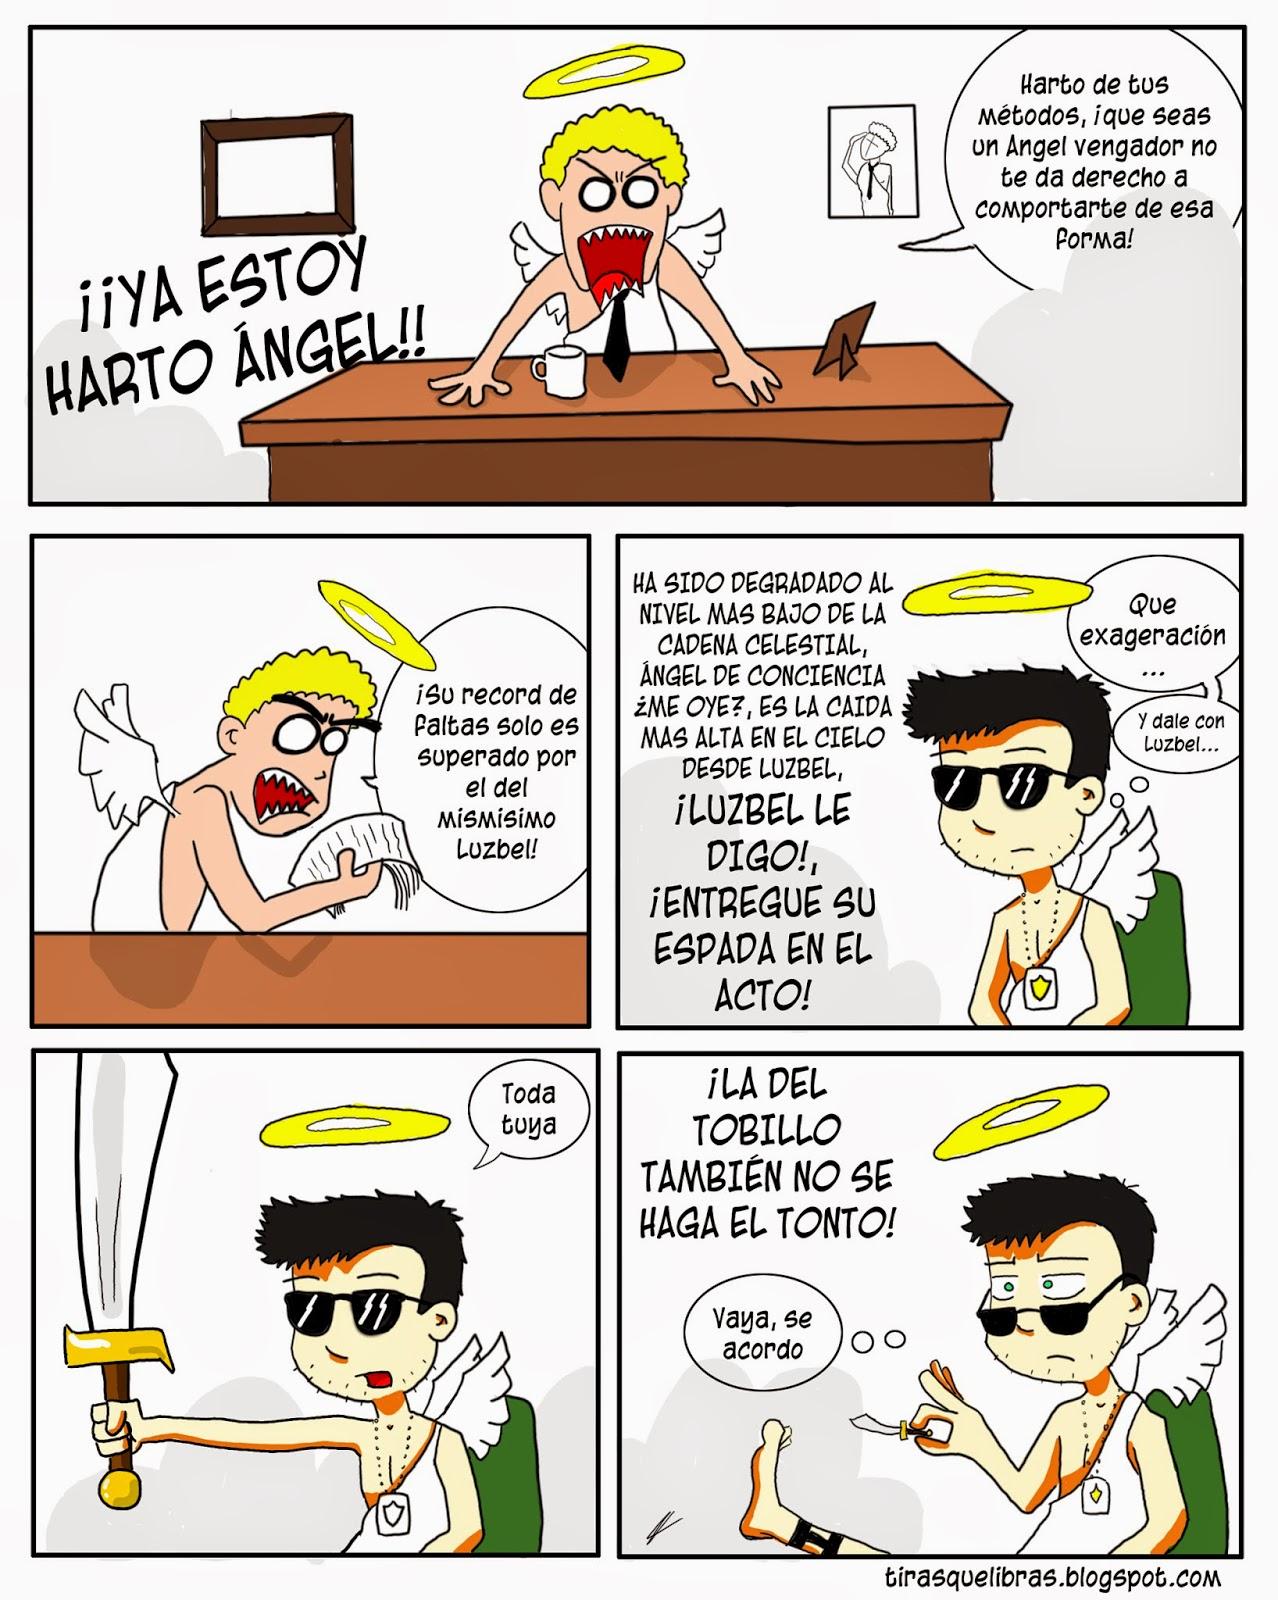 webcomic ye lo que hay, el angelito ha sido degradado